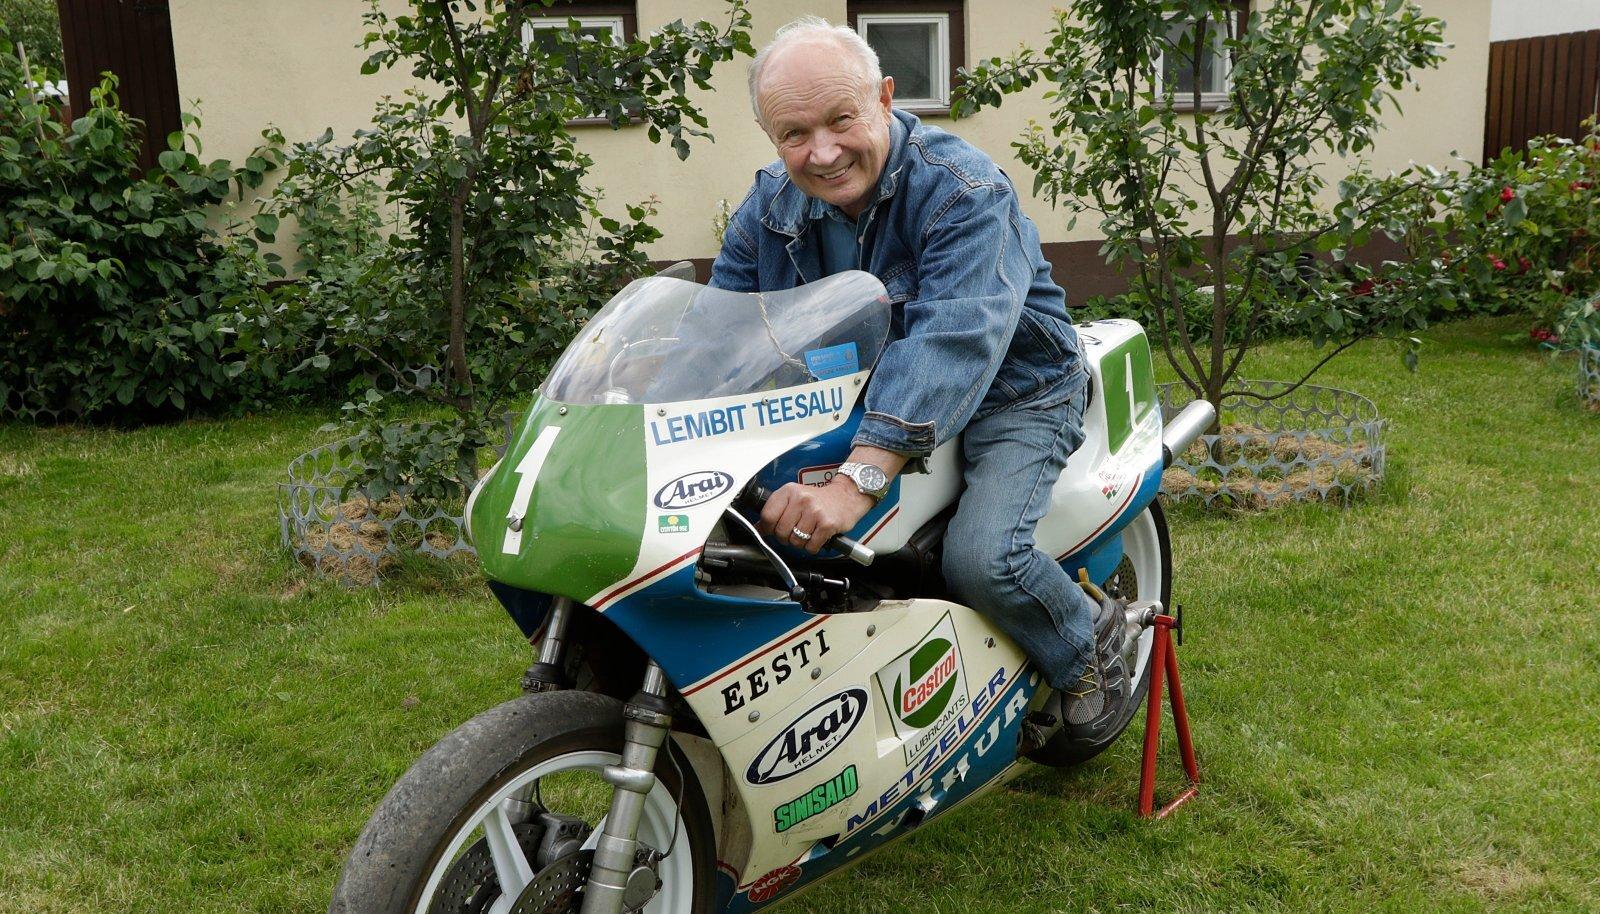 Lembit Teesalu mootorrattal, millega võitis oma 21. NSVLi meistritiitli